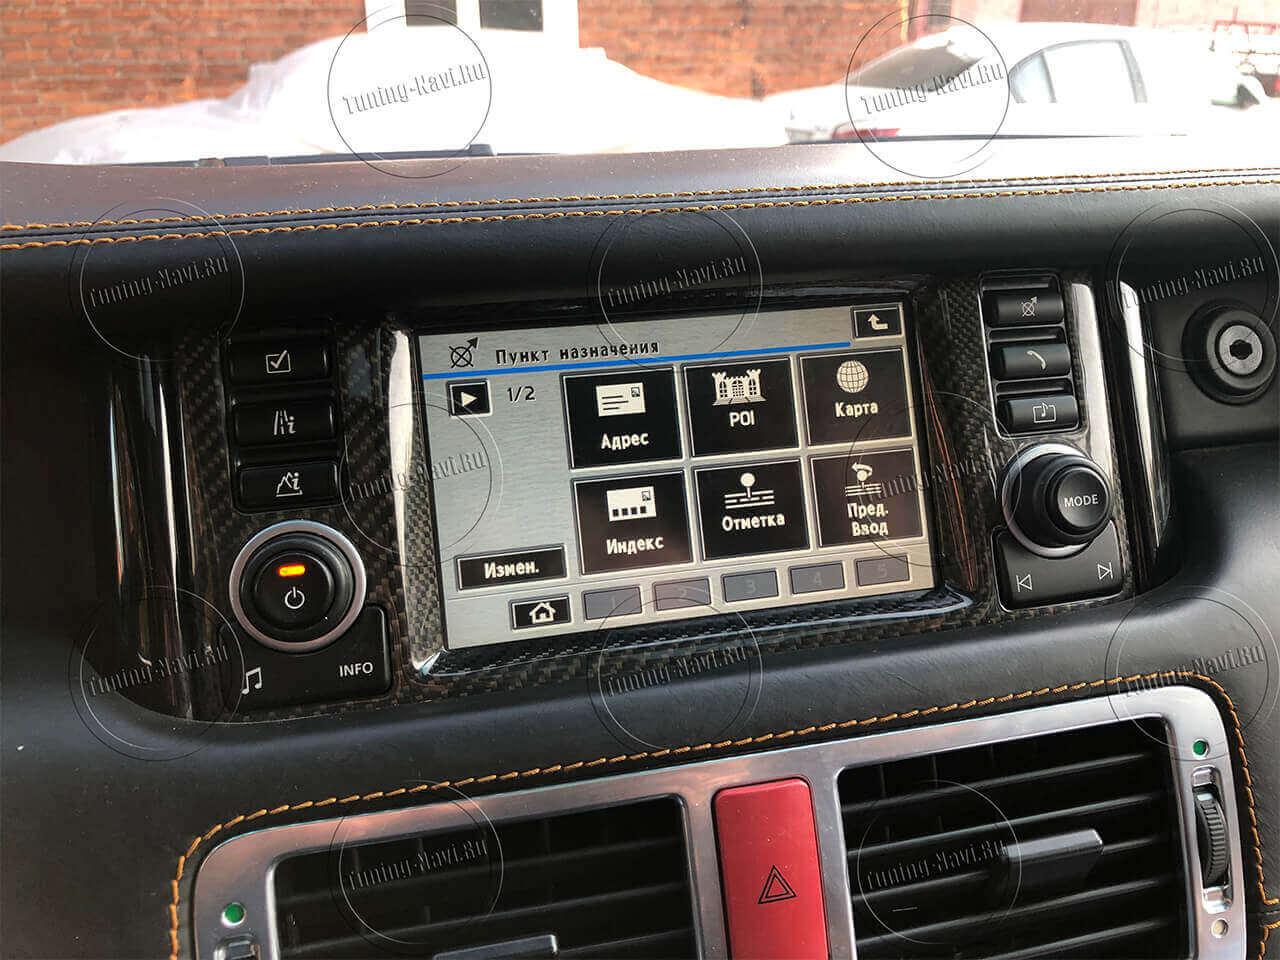 navigatsiya-range-rover_2